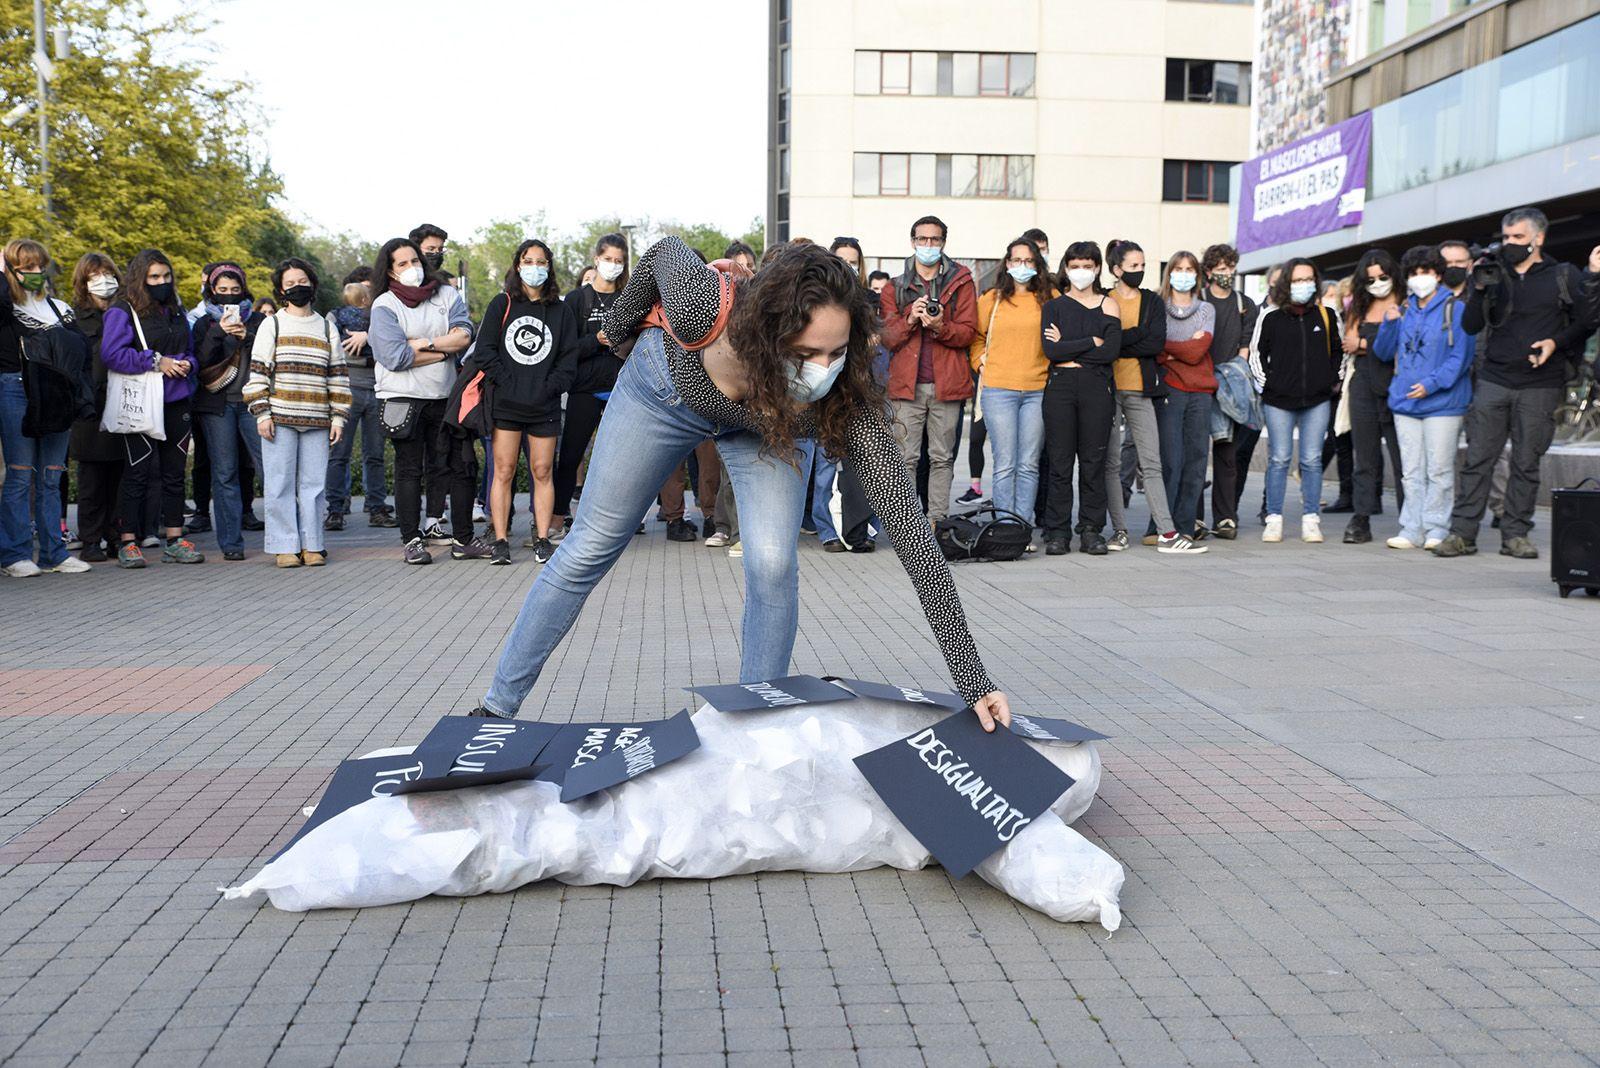 Concentració feminista denuncia l'abús sexual a una menor. Fotos Bernat Millet 12